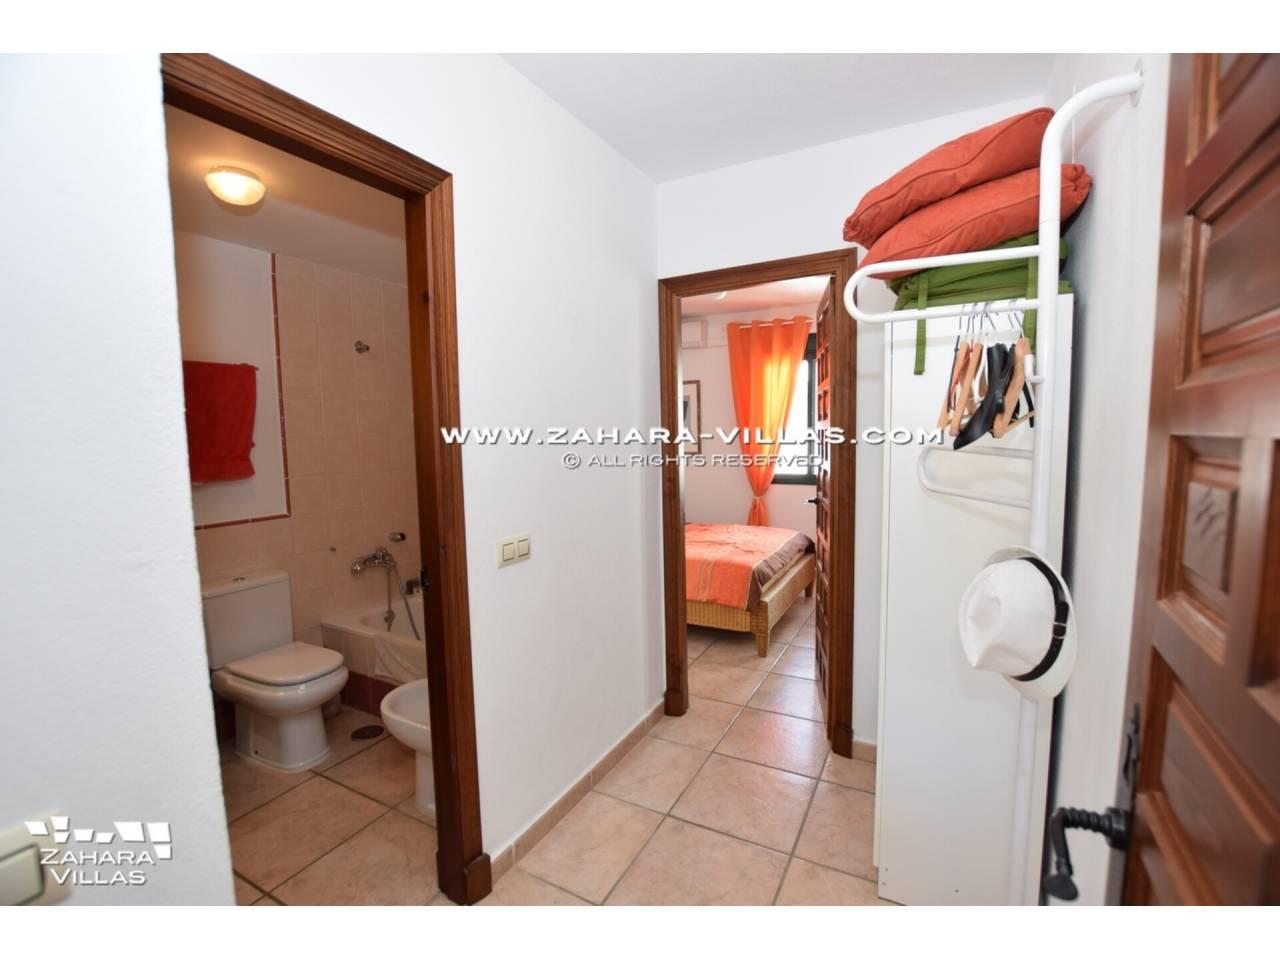 Imagen 25 de Penthouse apartment for sale in Zahara de los Atunes